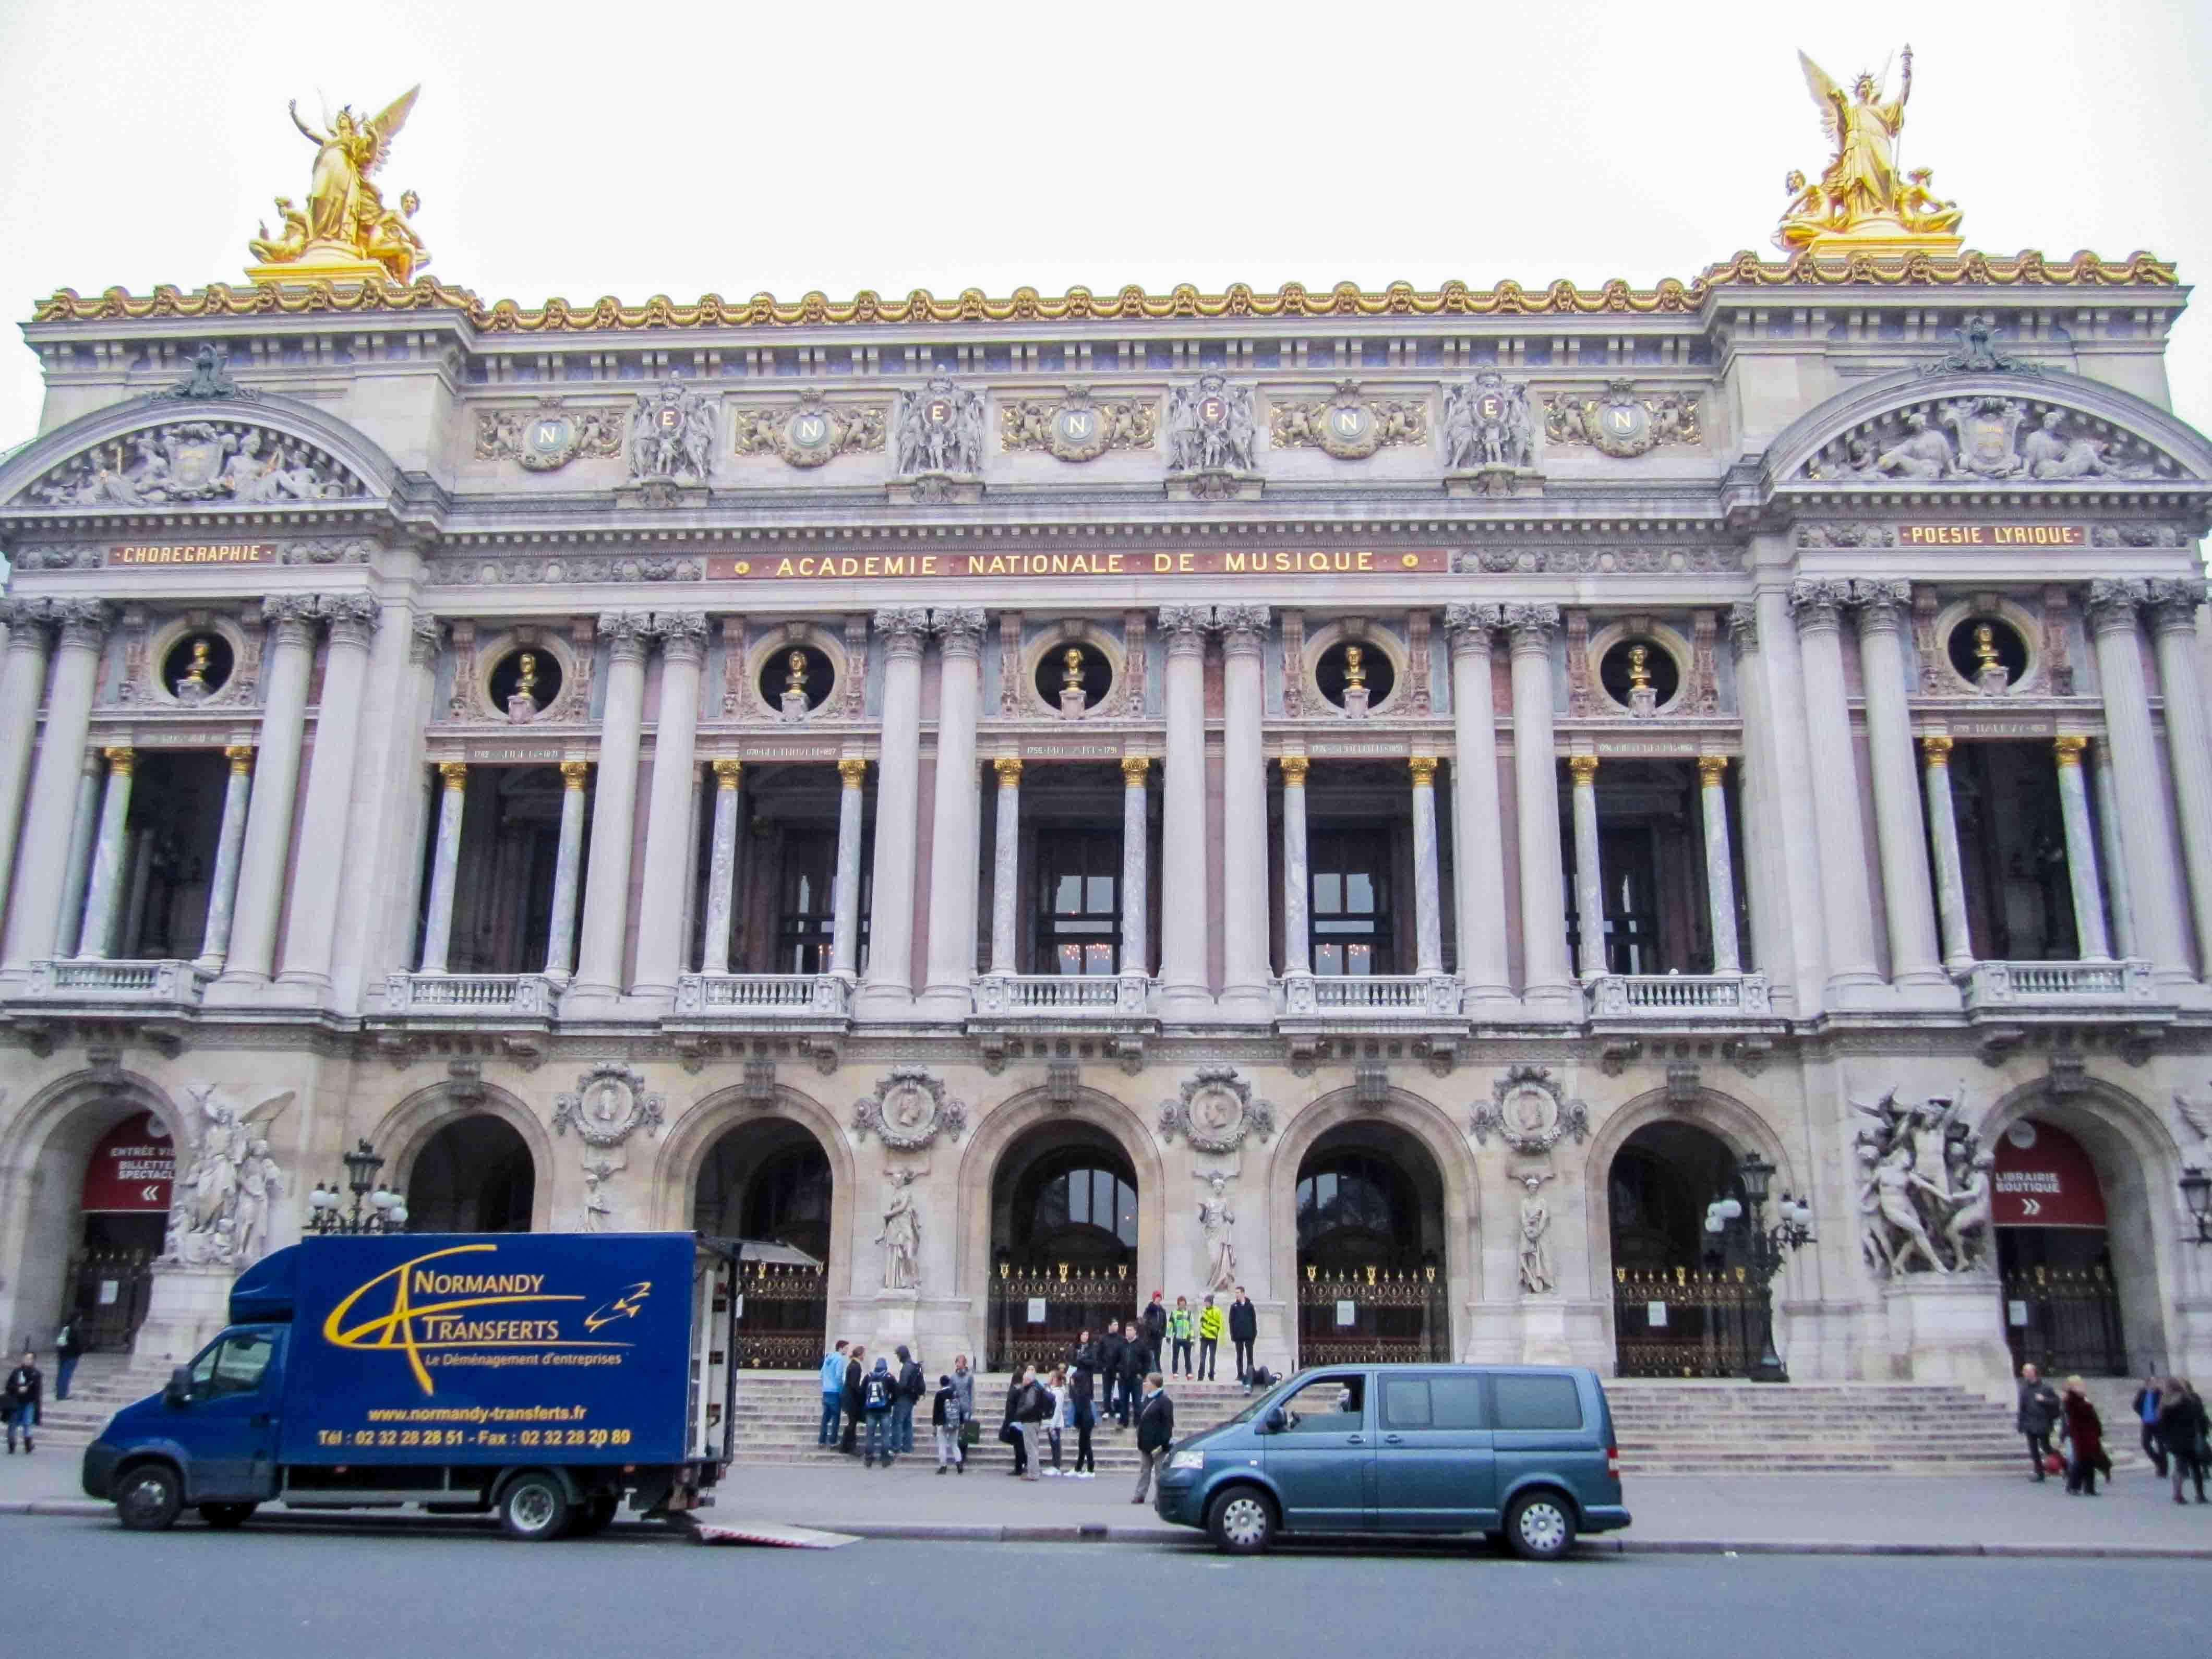 【フランス旅行】パリ オペラ座 ガルニエ宮へ